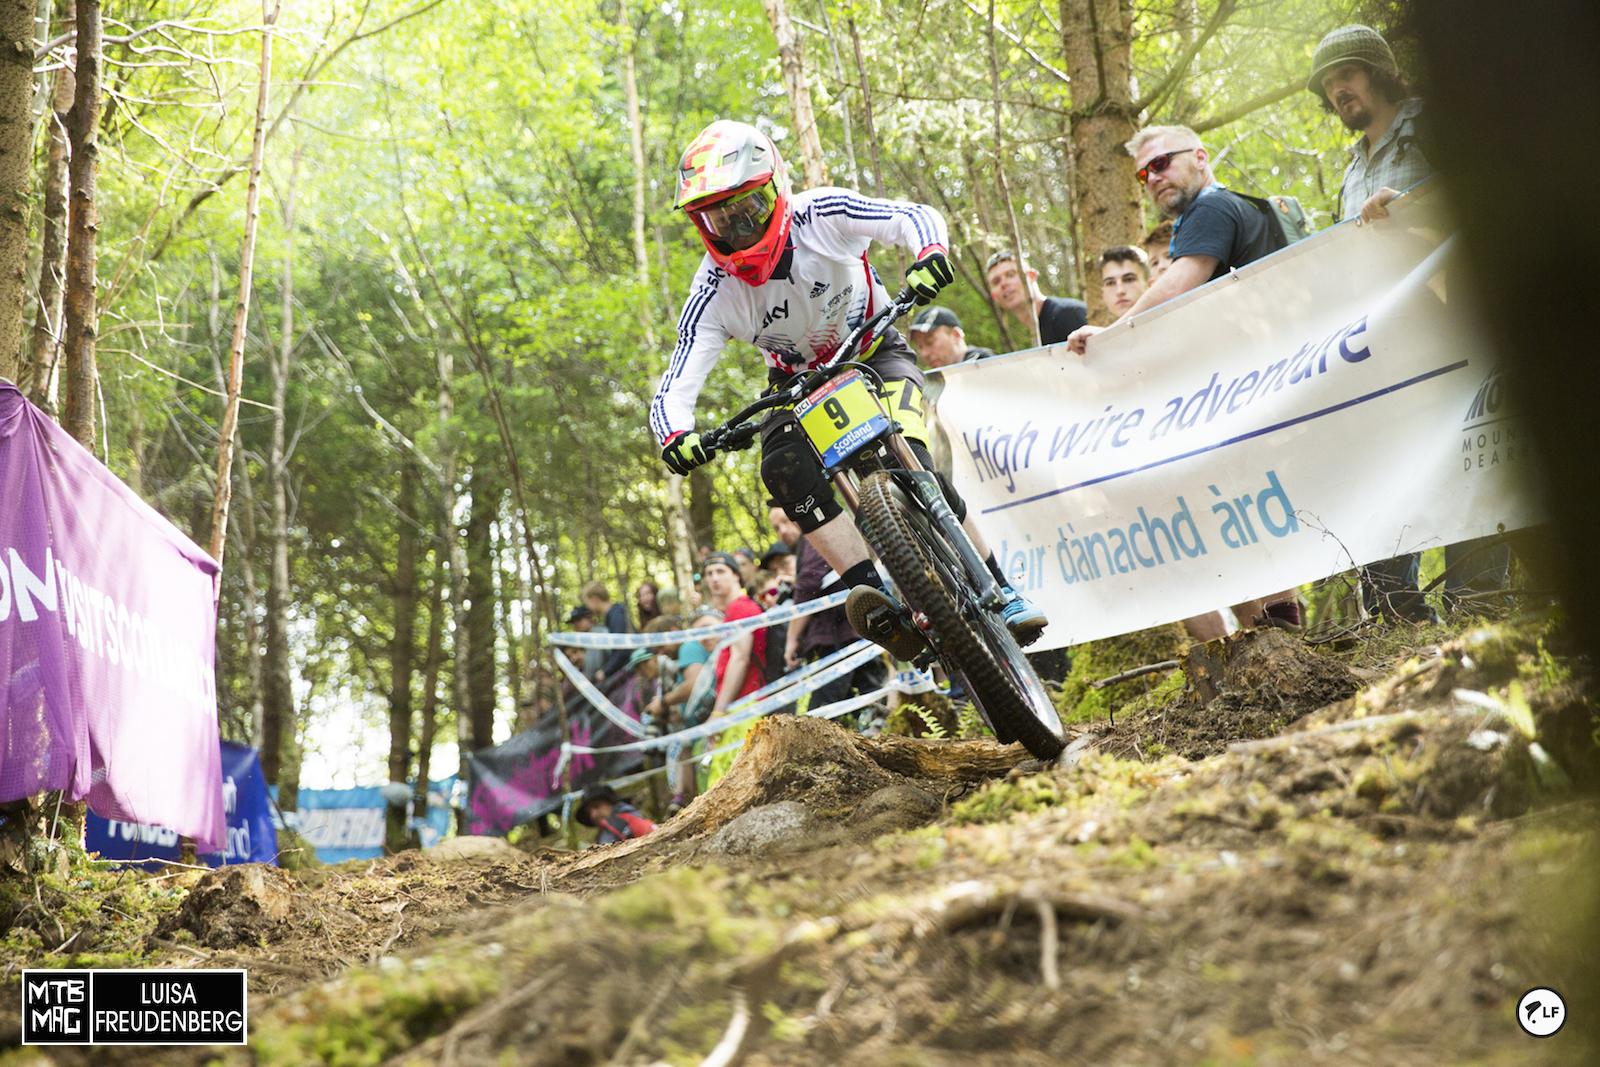 Charlie Hatton platzierte sich auf Platz 2 in der Juniorenwertung vor heimischem Publikum